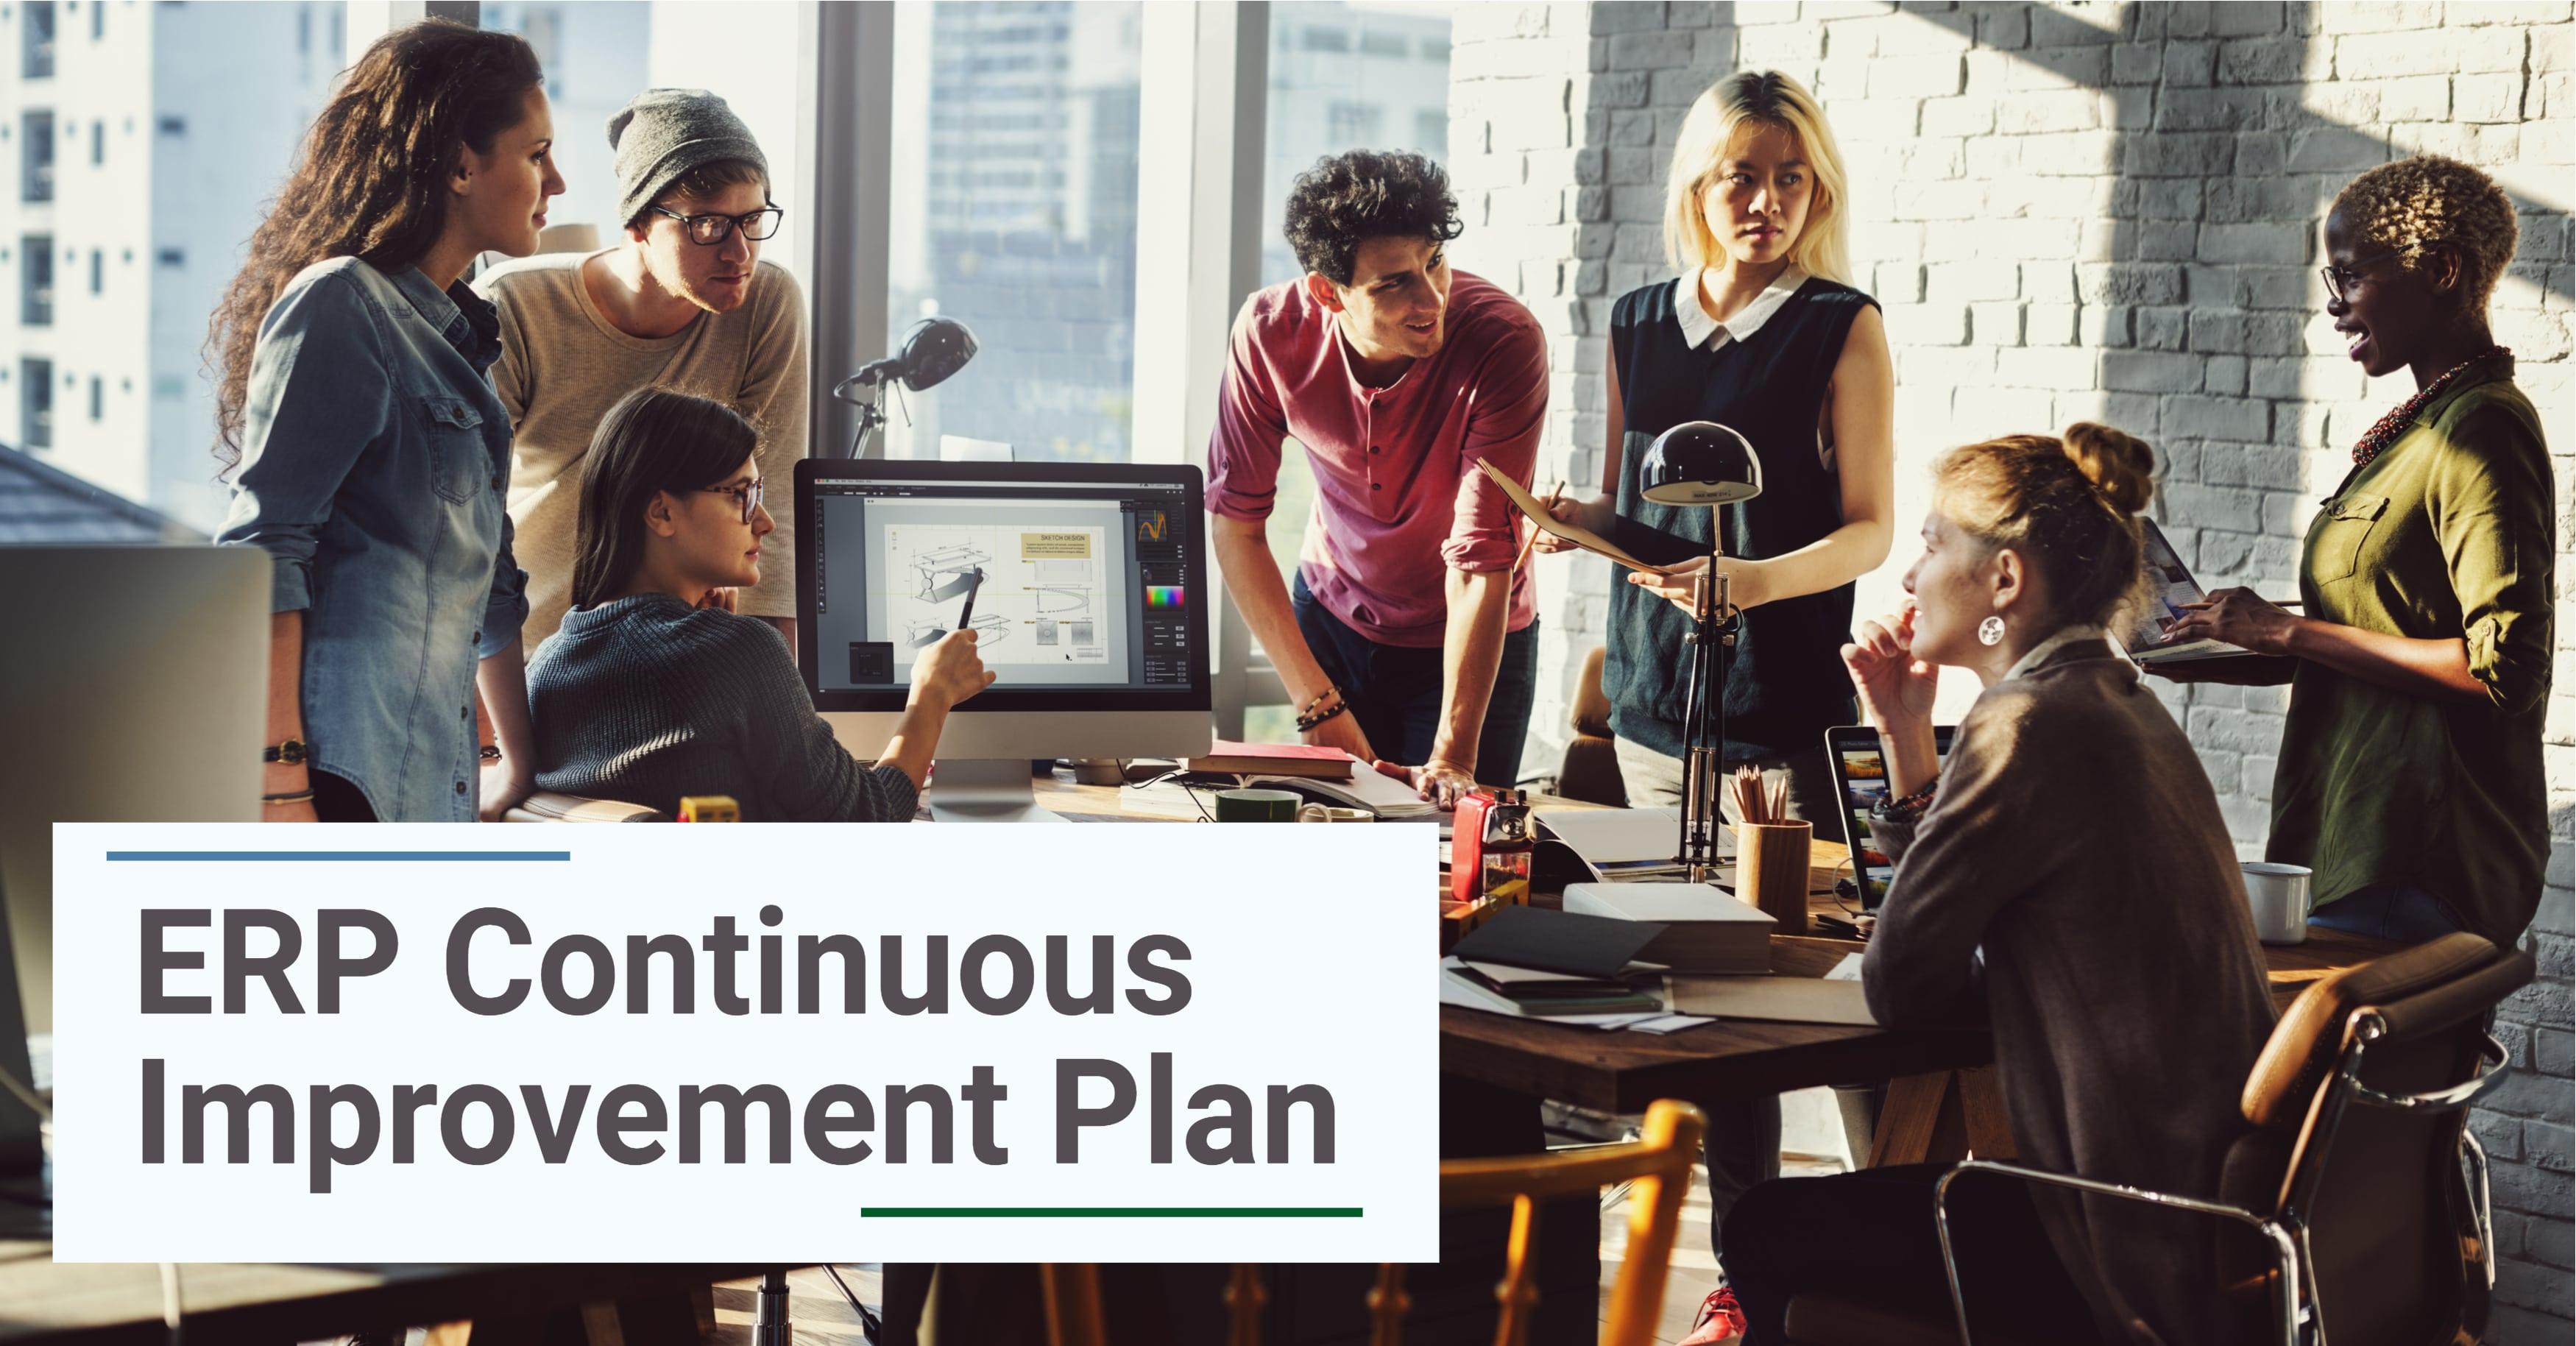 ERP Continuous Improvement Plan